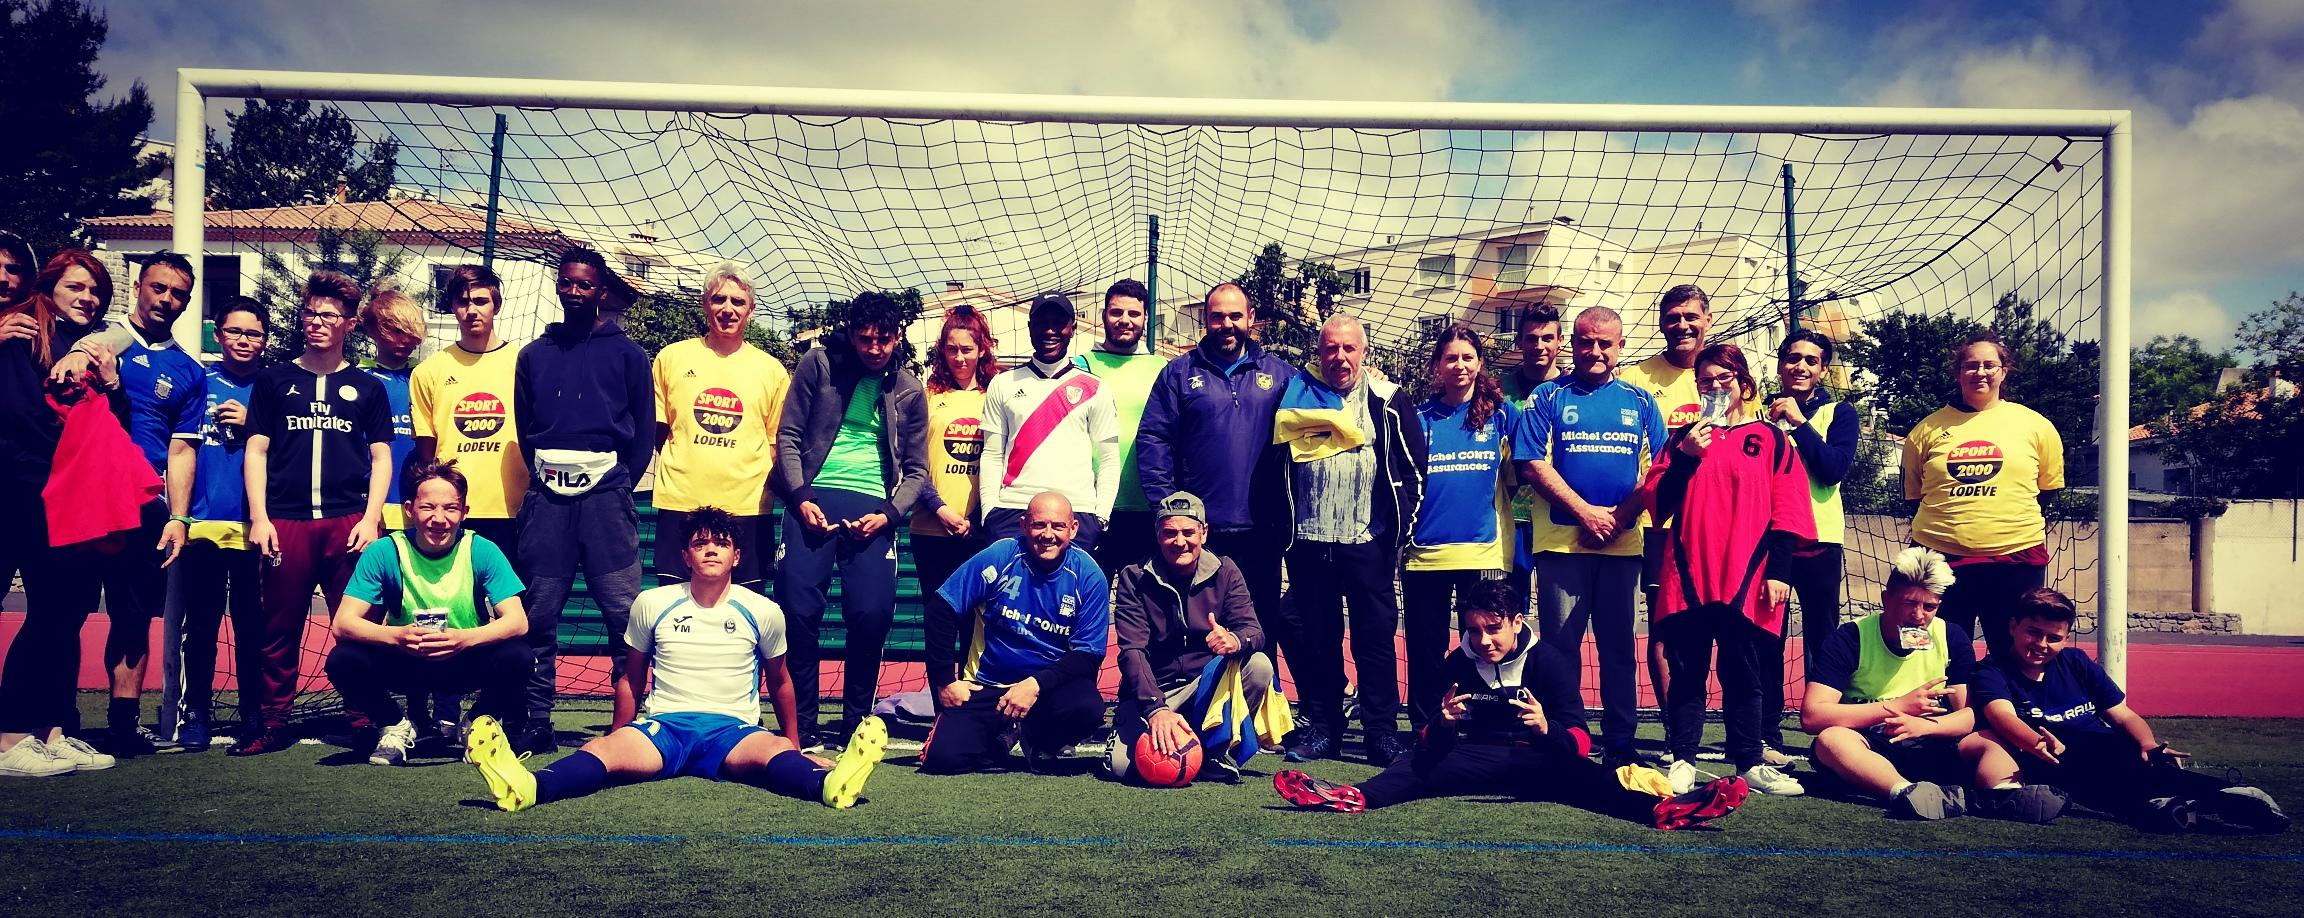 Tournoi de foot: match retour